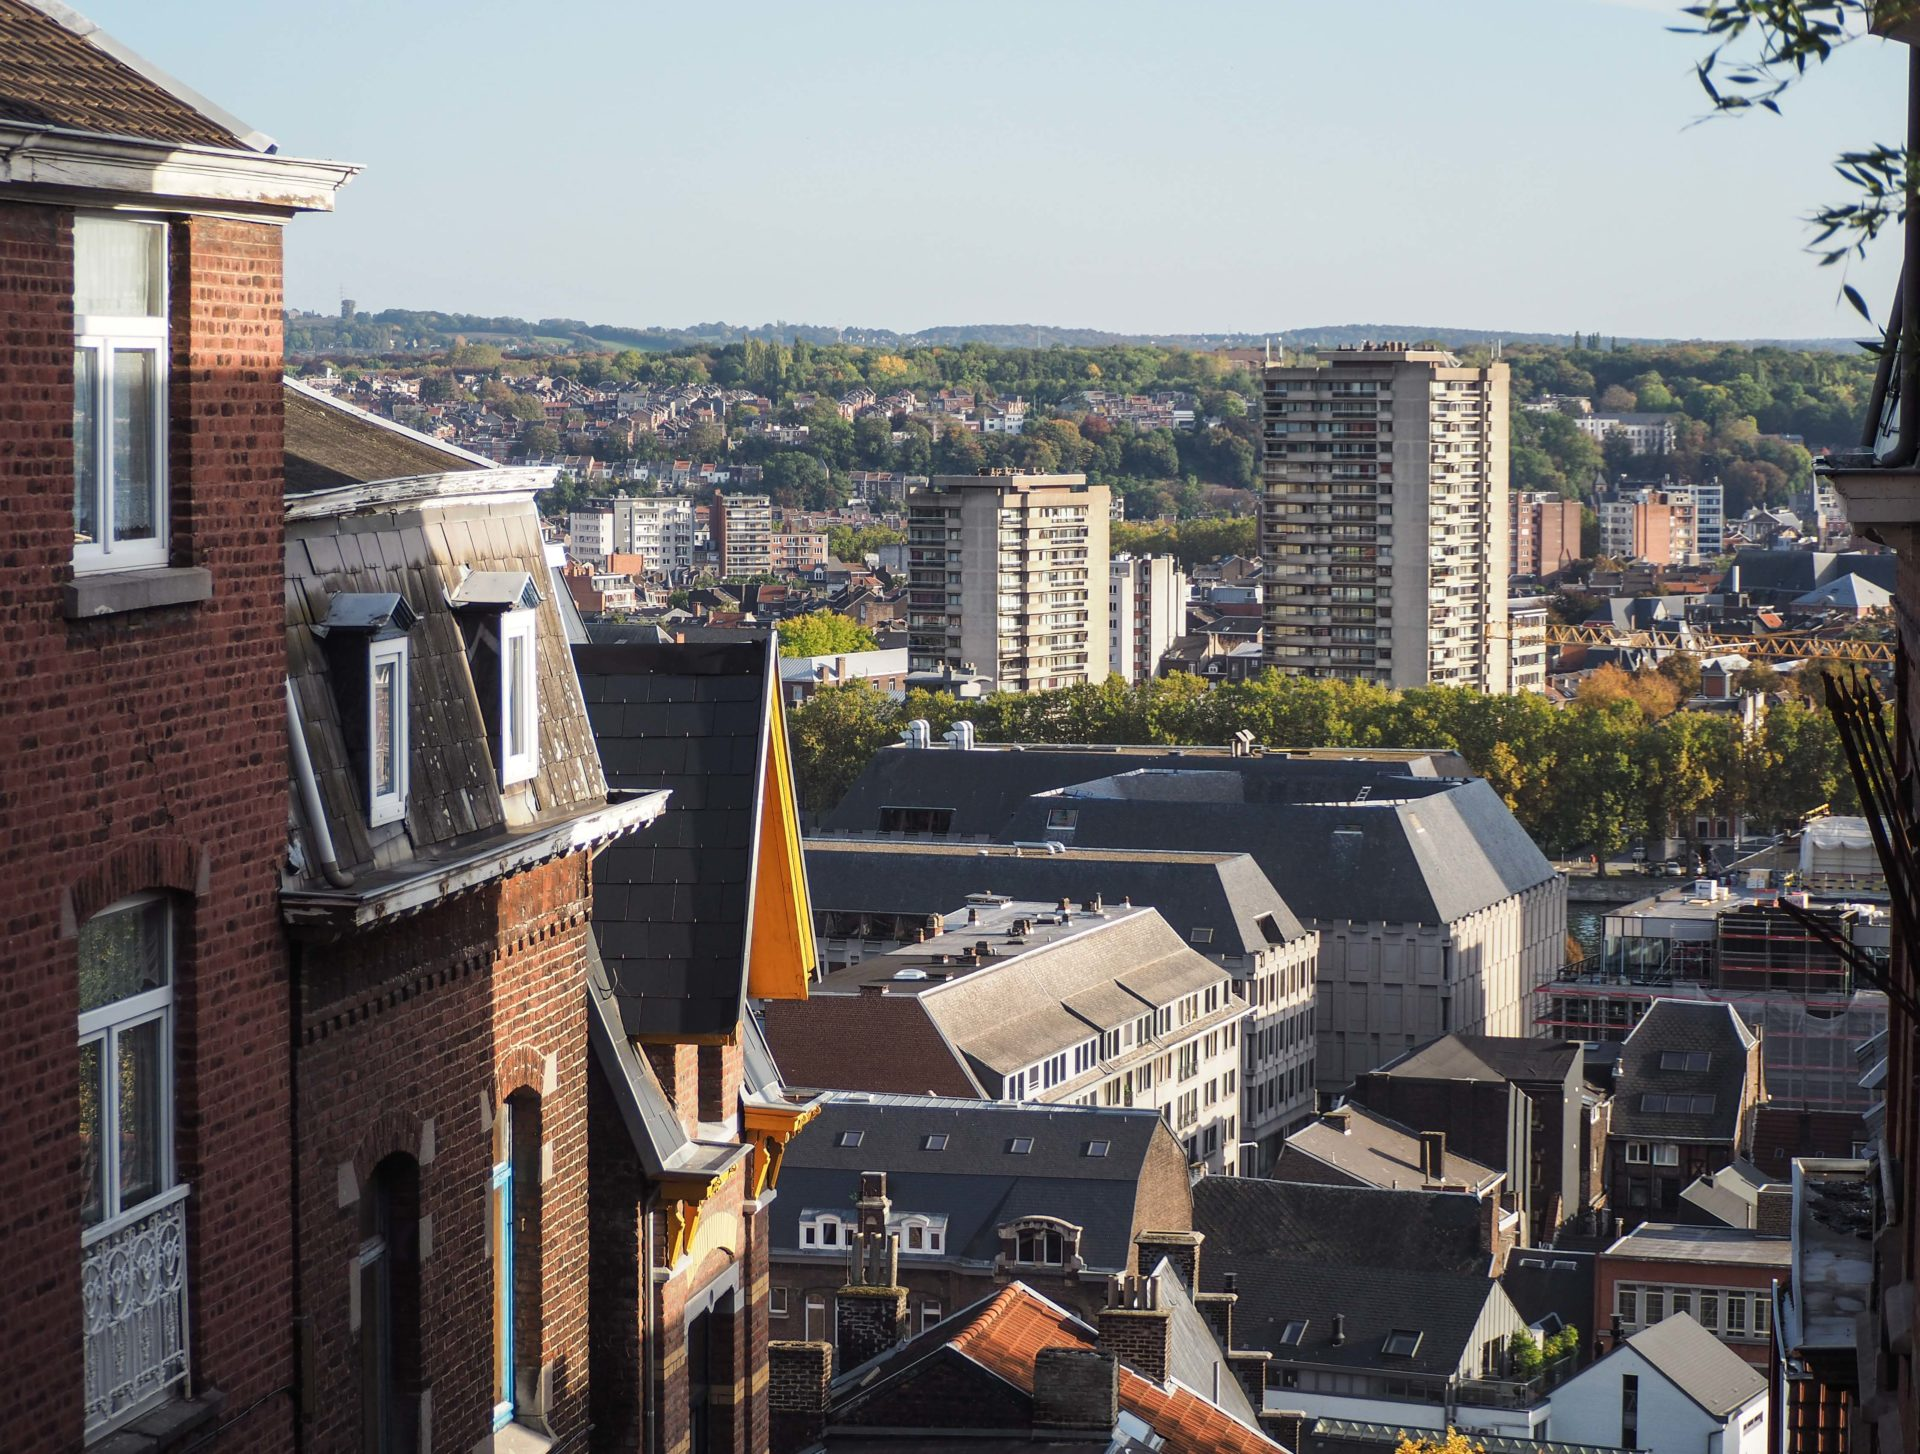 Montagne de Bueren - Visiter Liège en Belgique en mode slow - Que faire et que visiter à Liège? - Adresses slow et gourmandes à Liège - Informations pratiques pour visiter Liège et en tomber amoureuse en quelques instants!